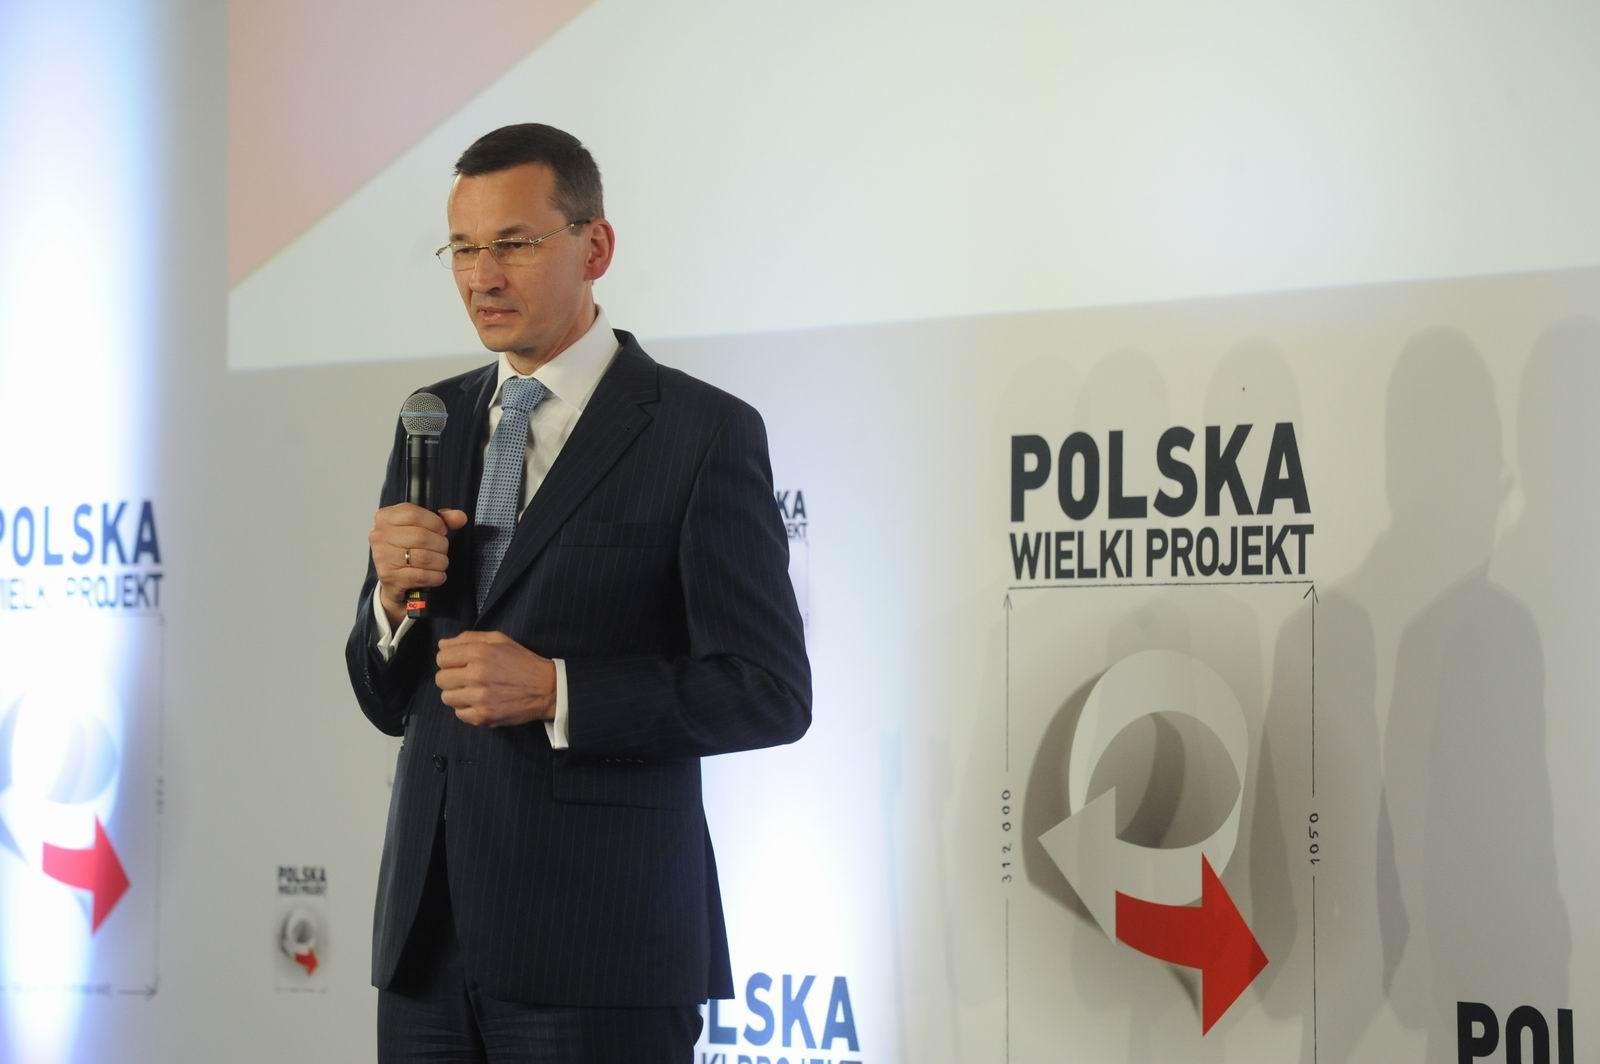 Wystąpienie wstępne wicepremiera Morawieckiego